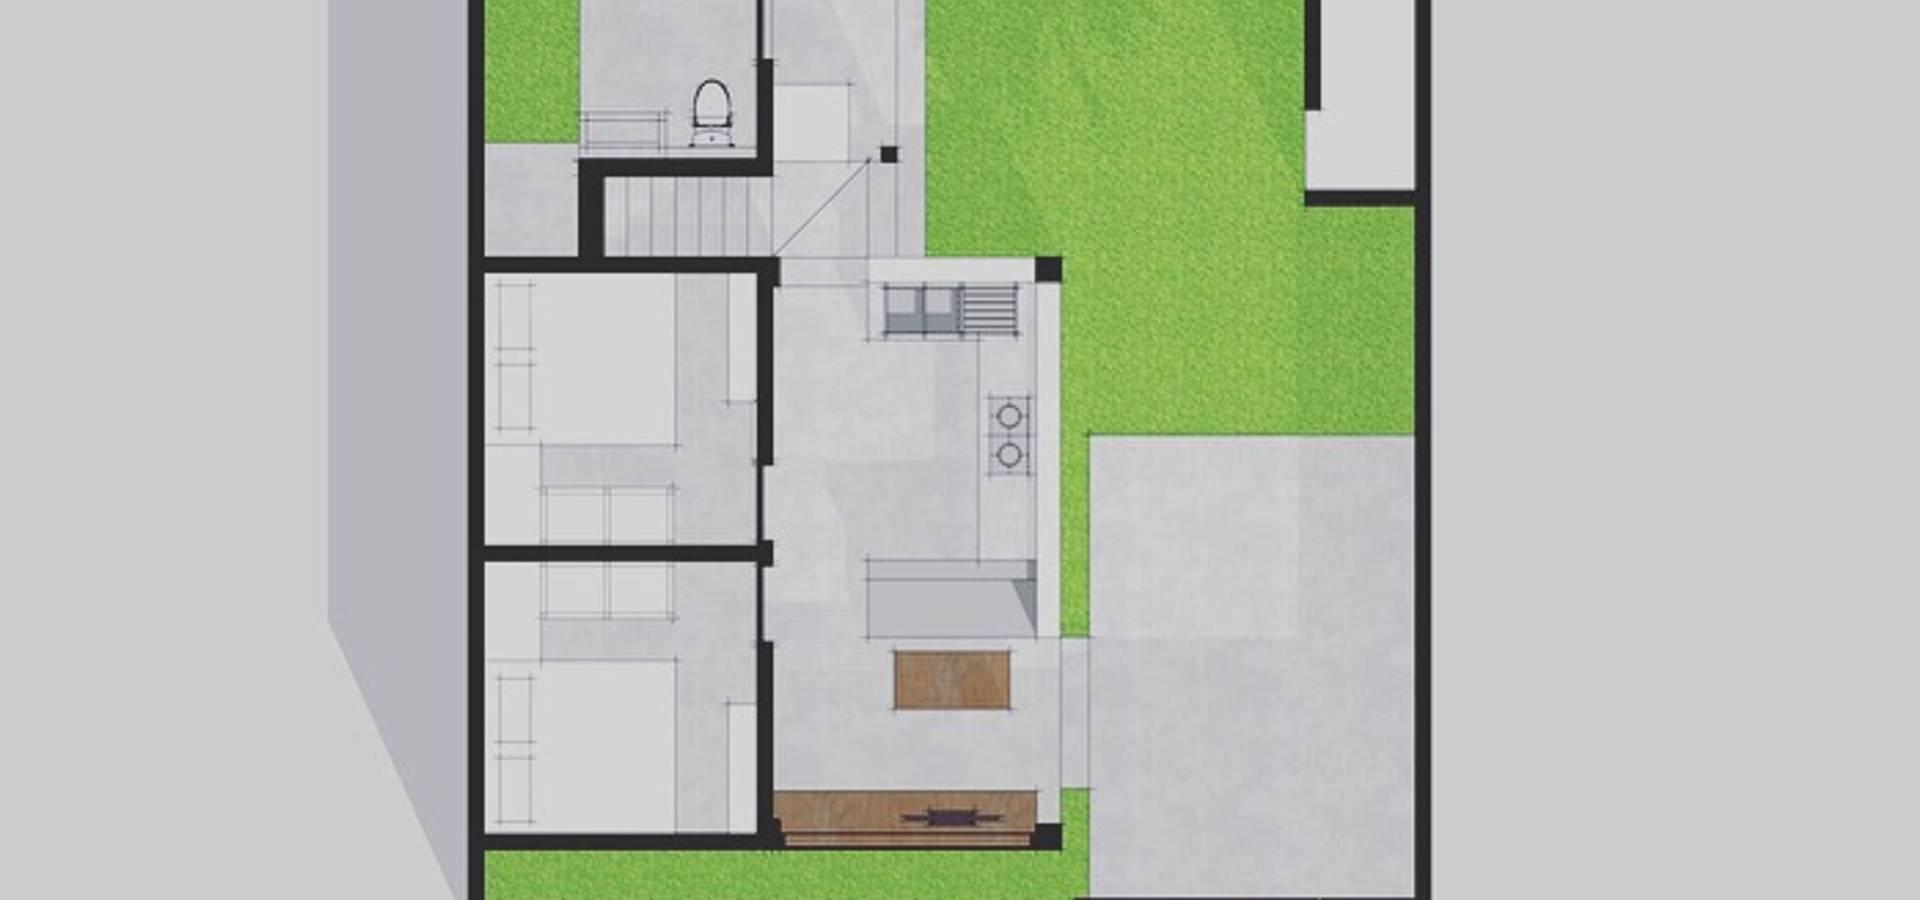 Companion Architecture Studio